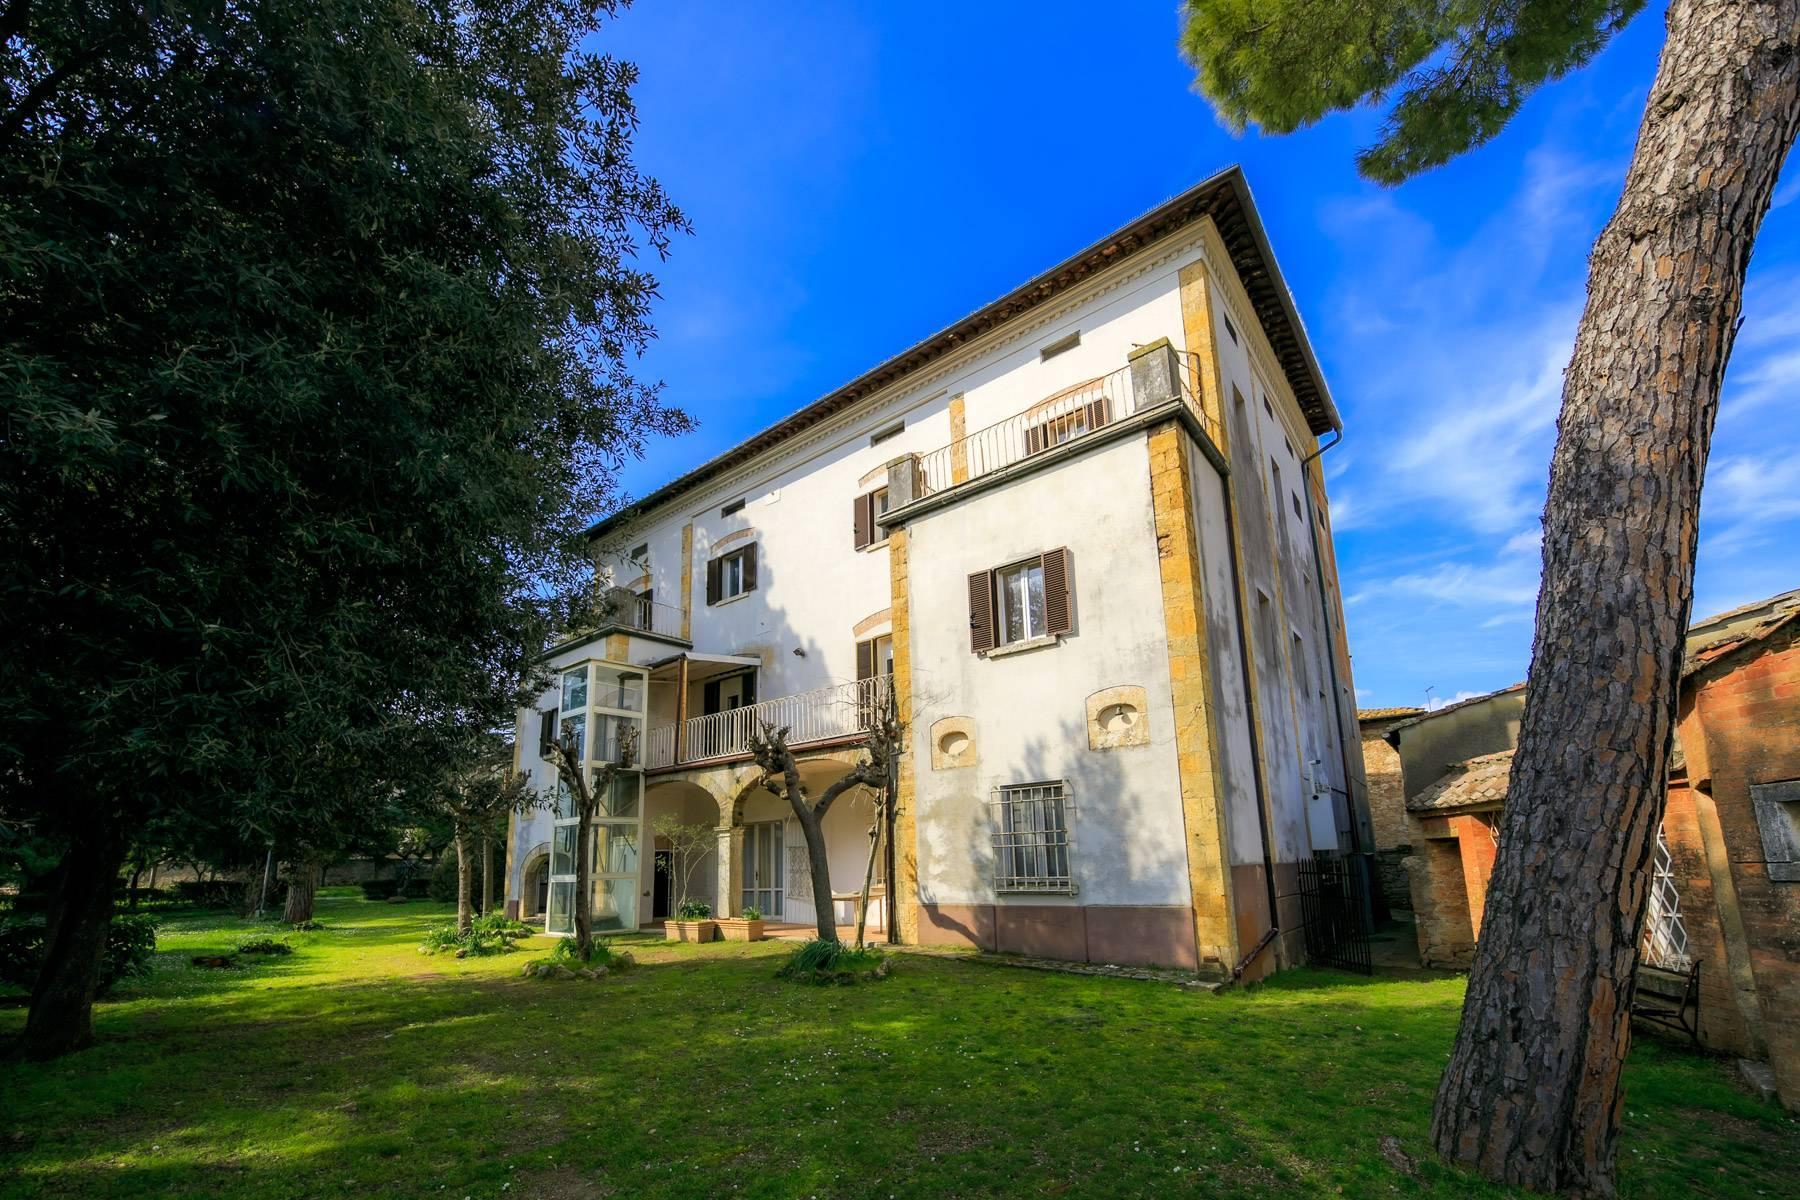 Prächtige historische Villa mit neoklassizistischer Kapelle und Park - 31